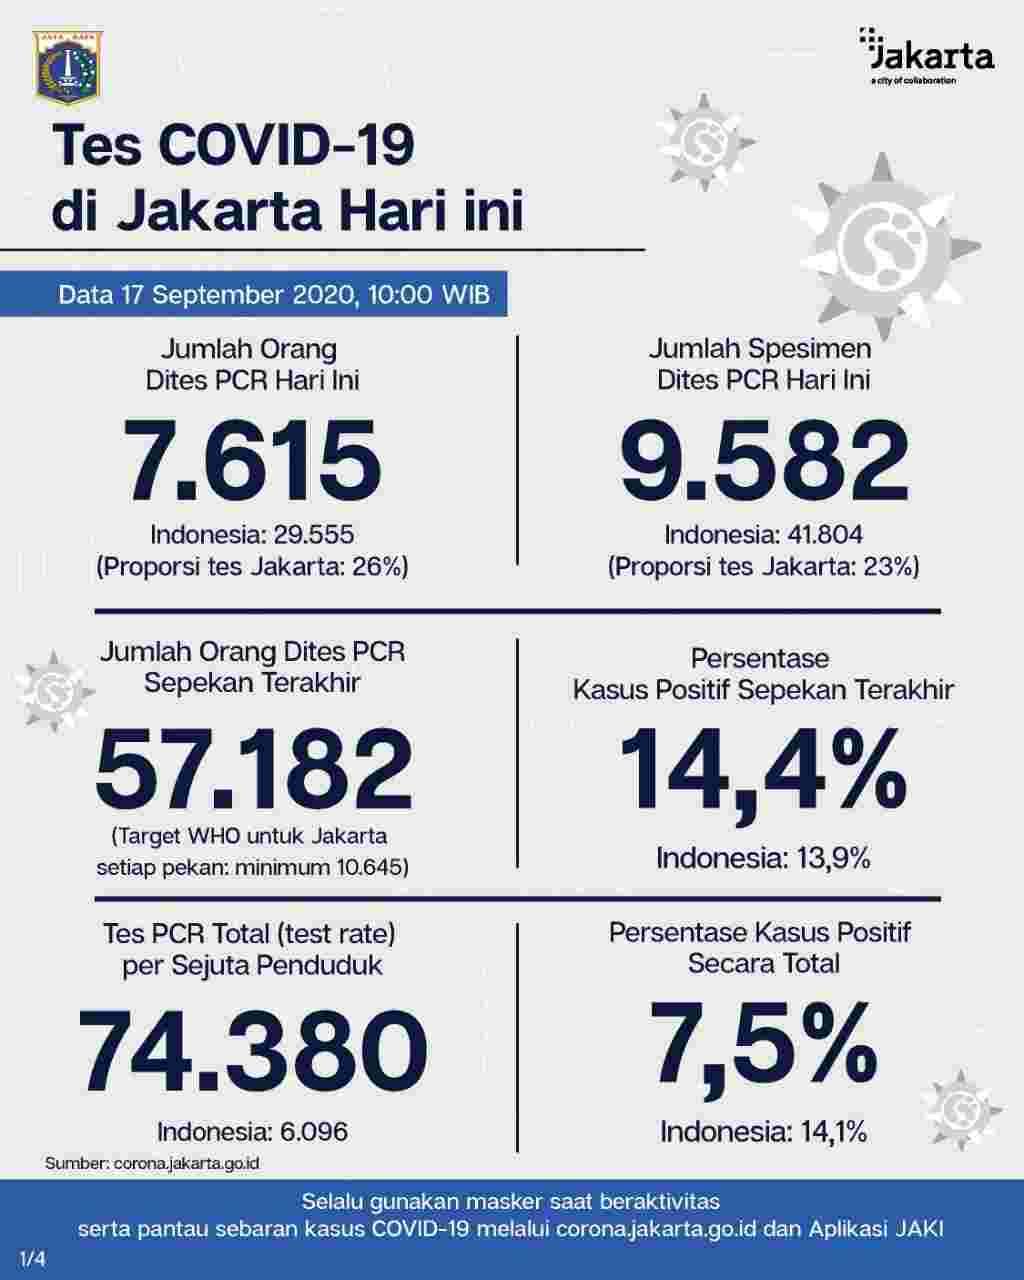 Perkembangan Covid-19 di Jakarta Per 17 Sptember 2020